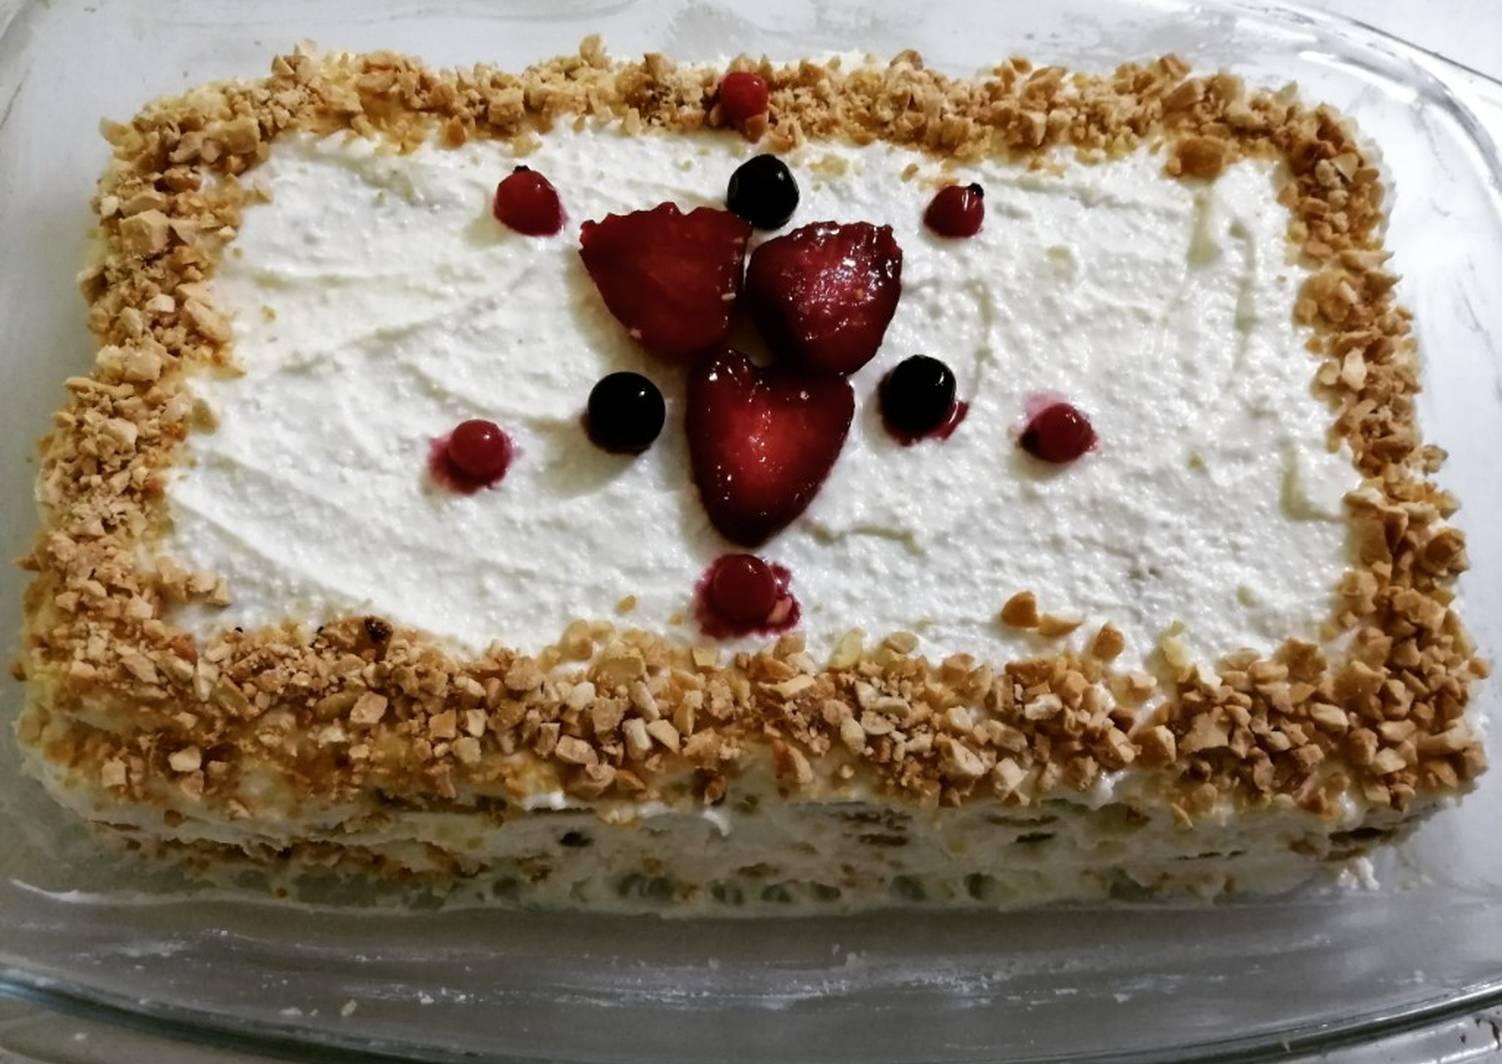 Диетические, низкокалорийные торты — пп рецепты приготовления вкусных десертов